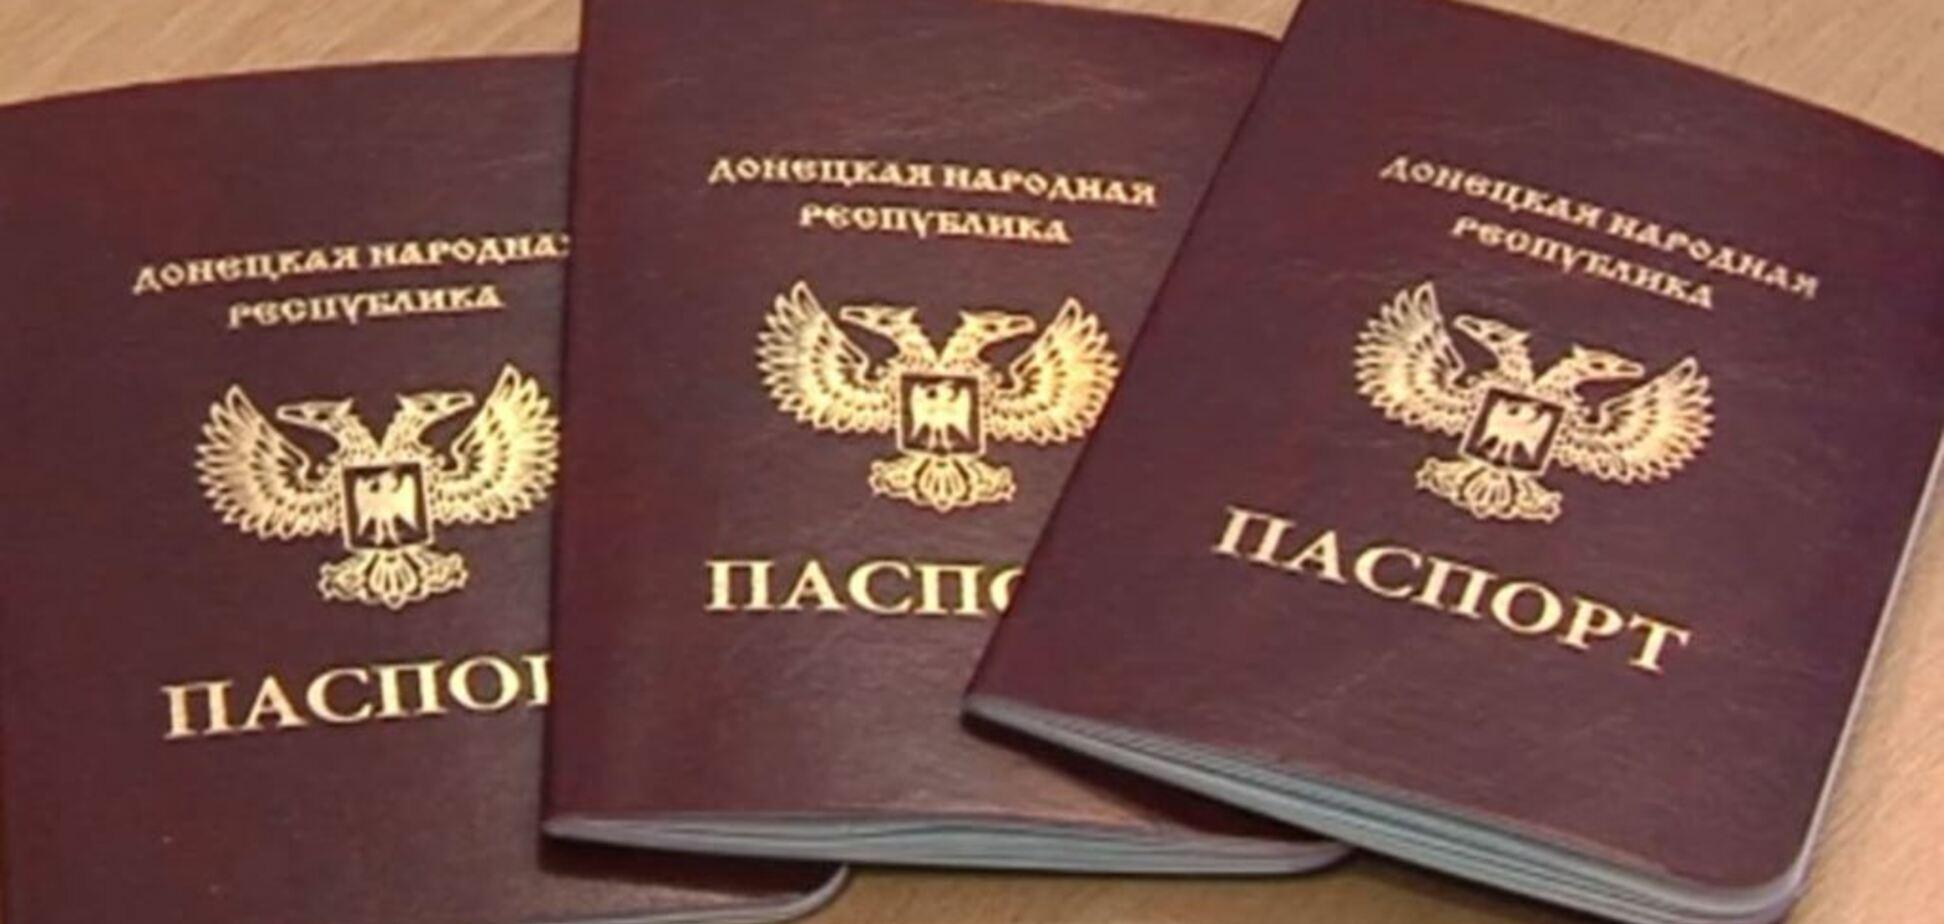 'Гниение или война': Портников предрек Украине будущее Абхазии или Приднестровья